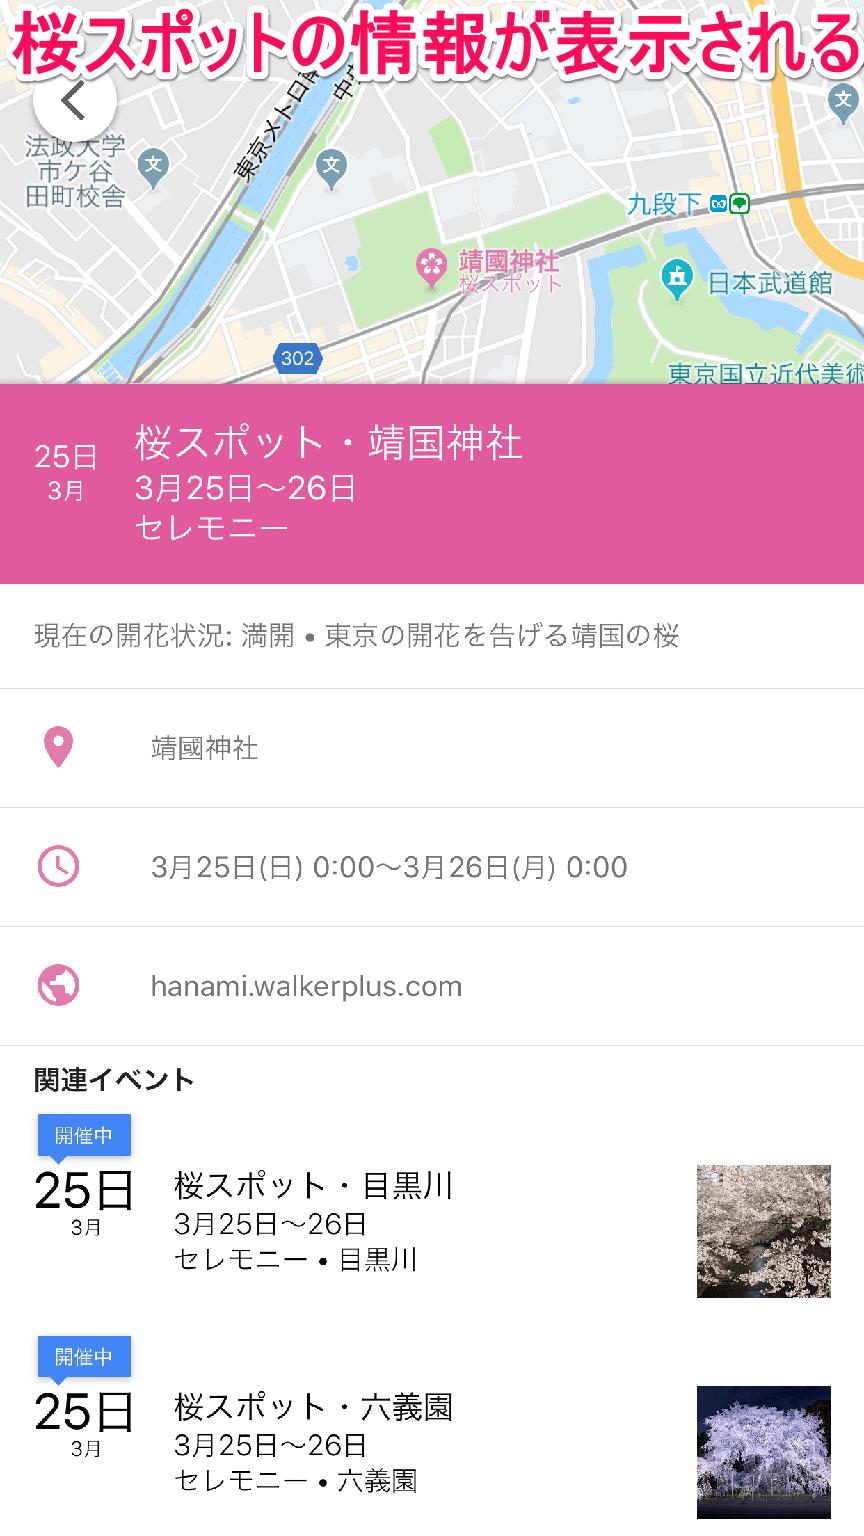 グーグルマップ(Google地図)の桜スポット情報画面